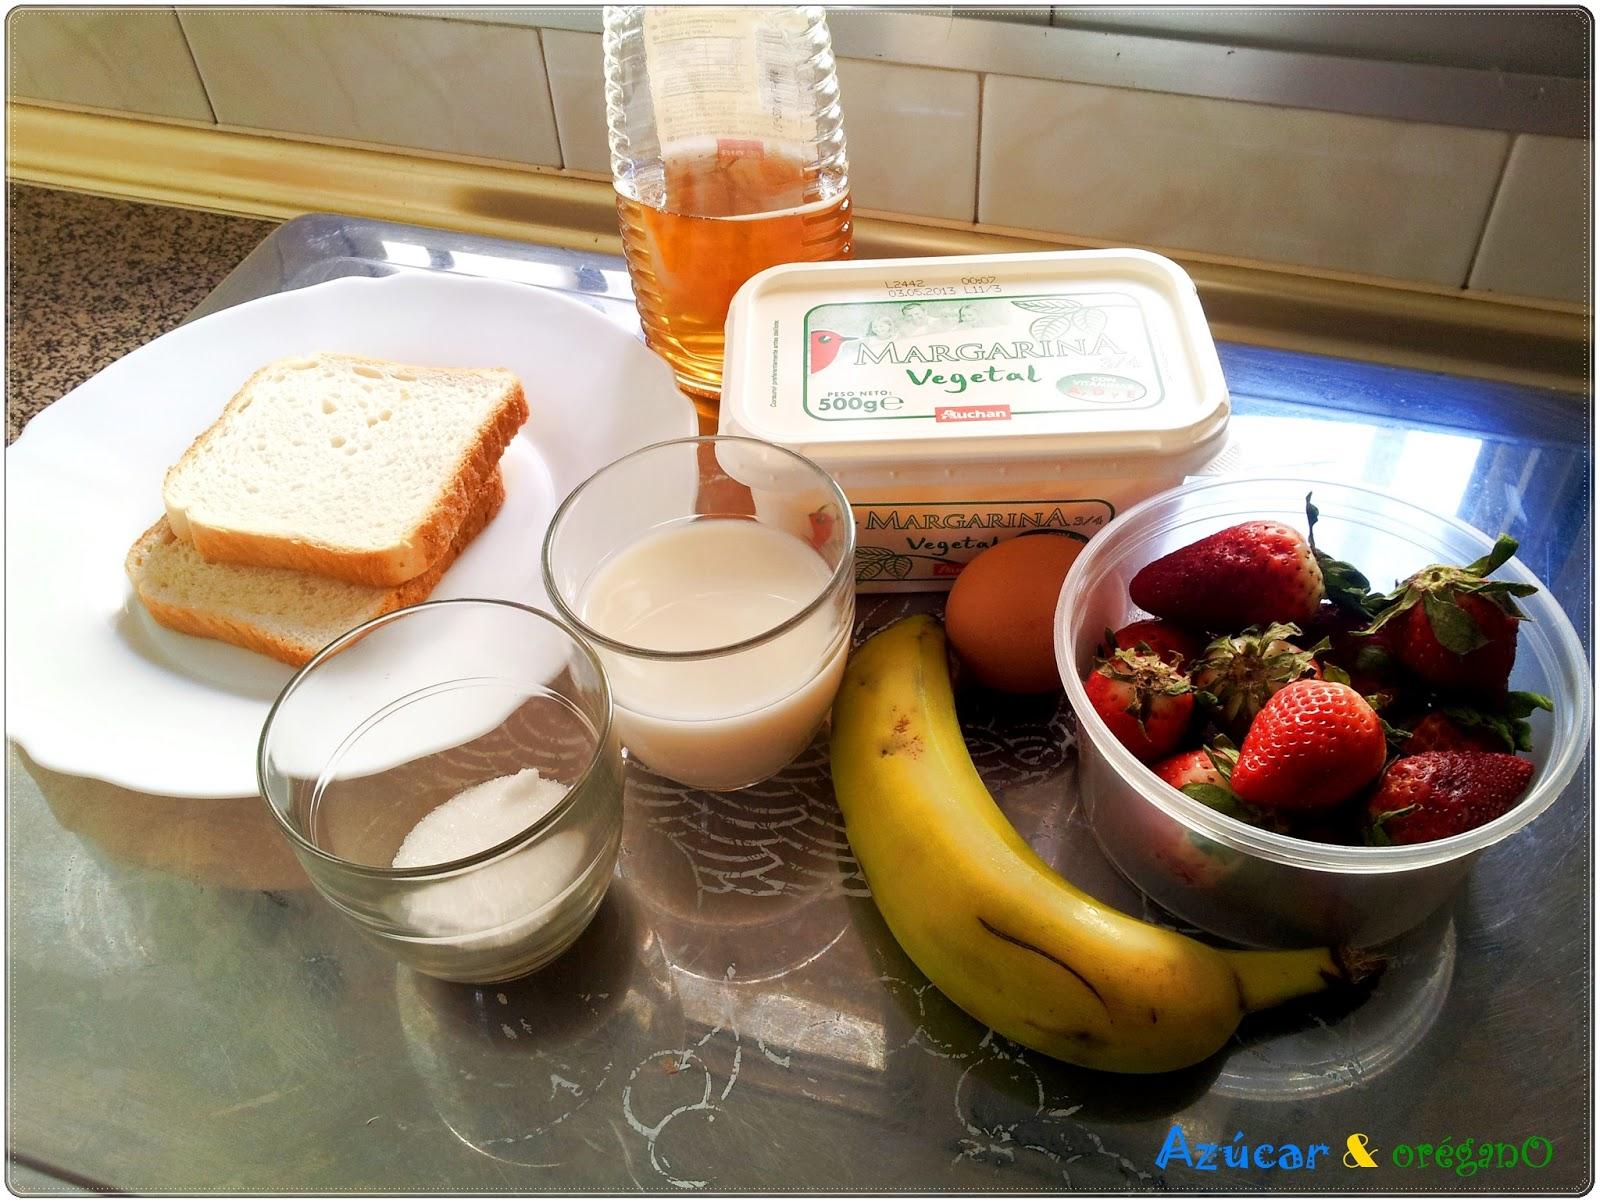 Desayuno franc s az car y or gano for Desayuno frances tradicional